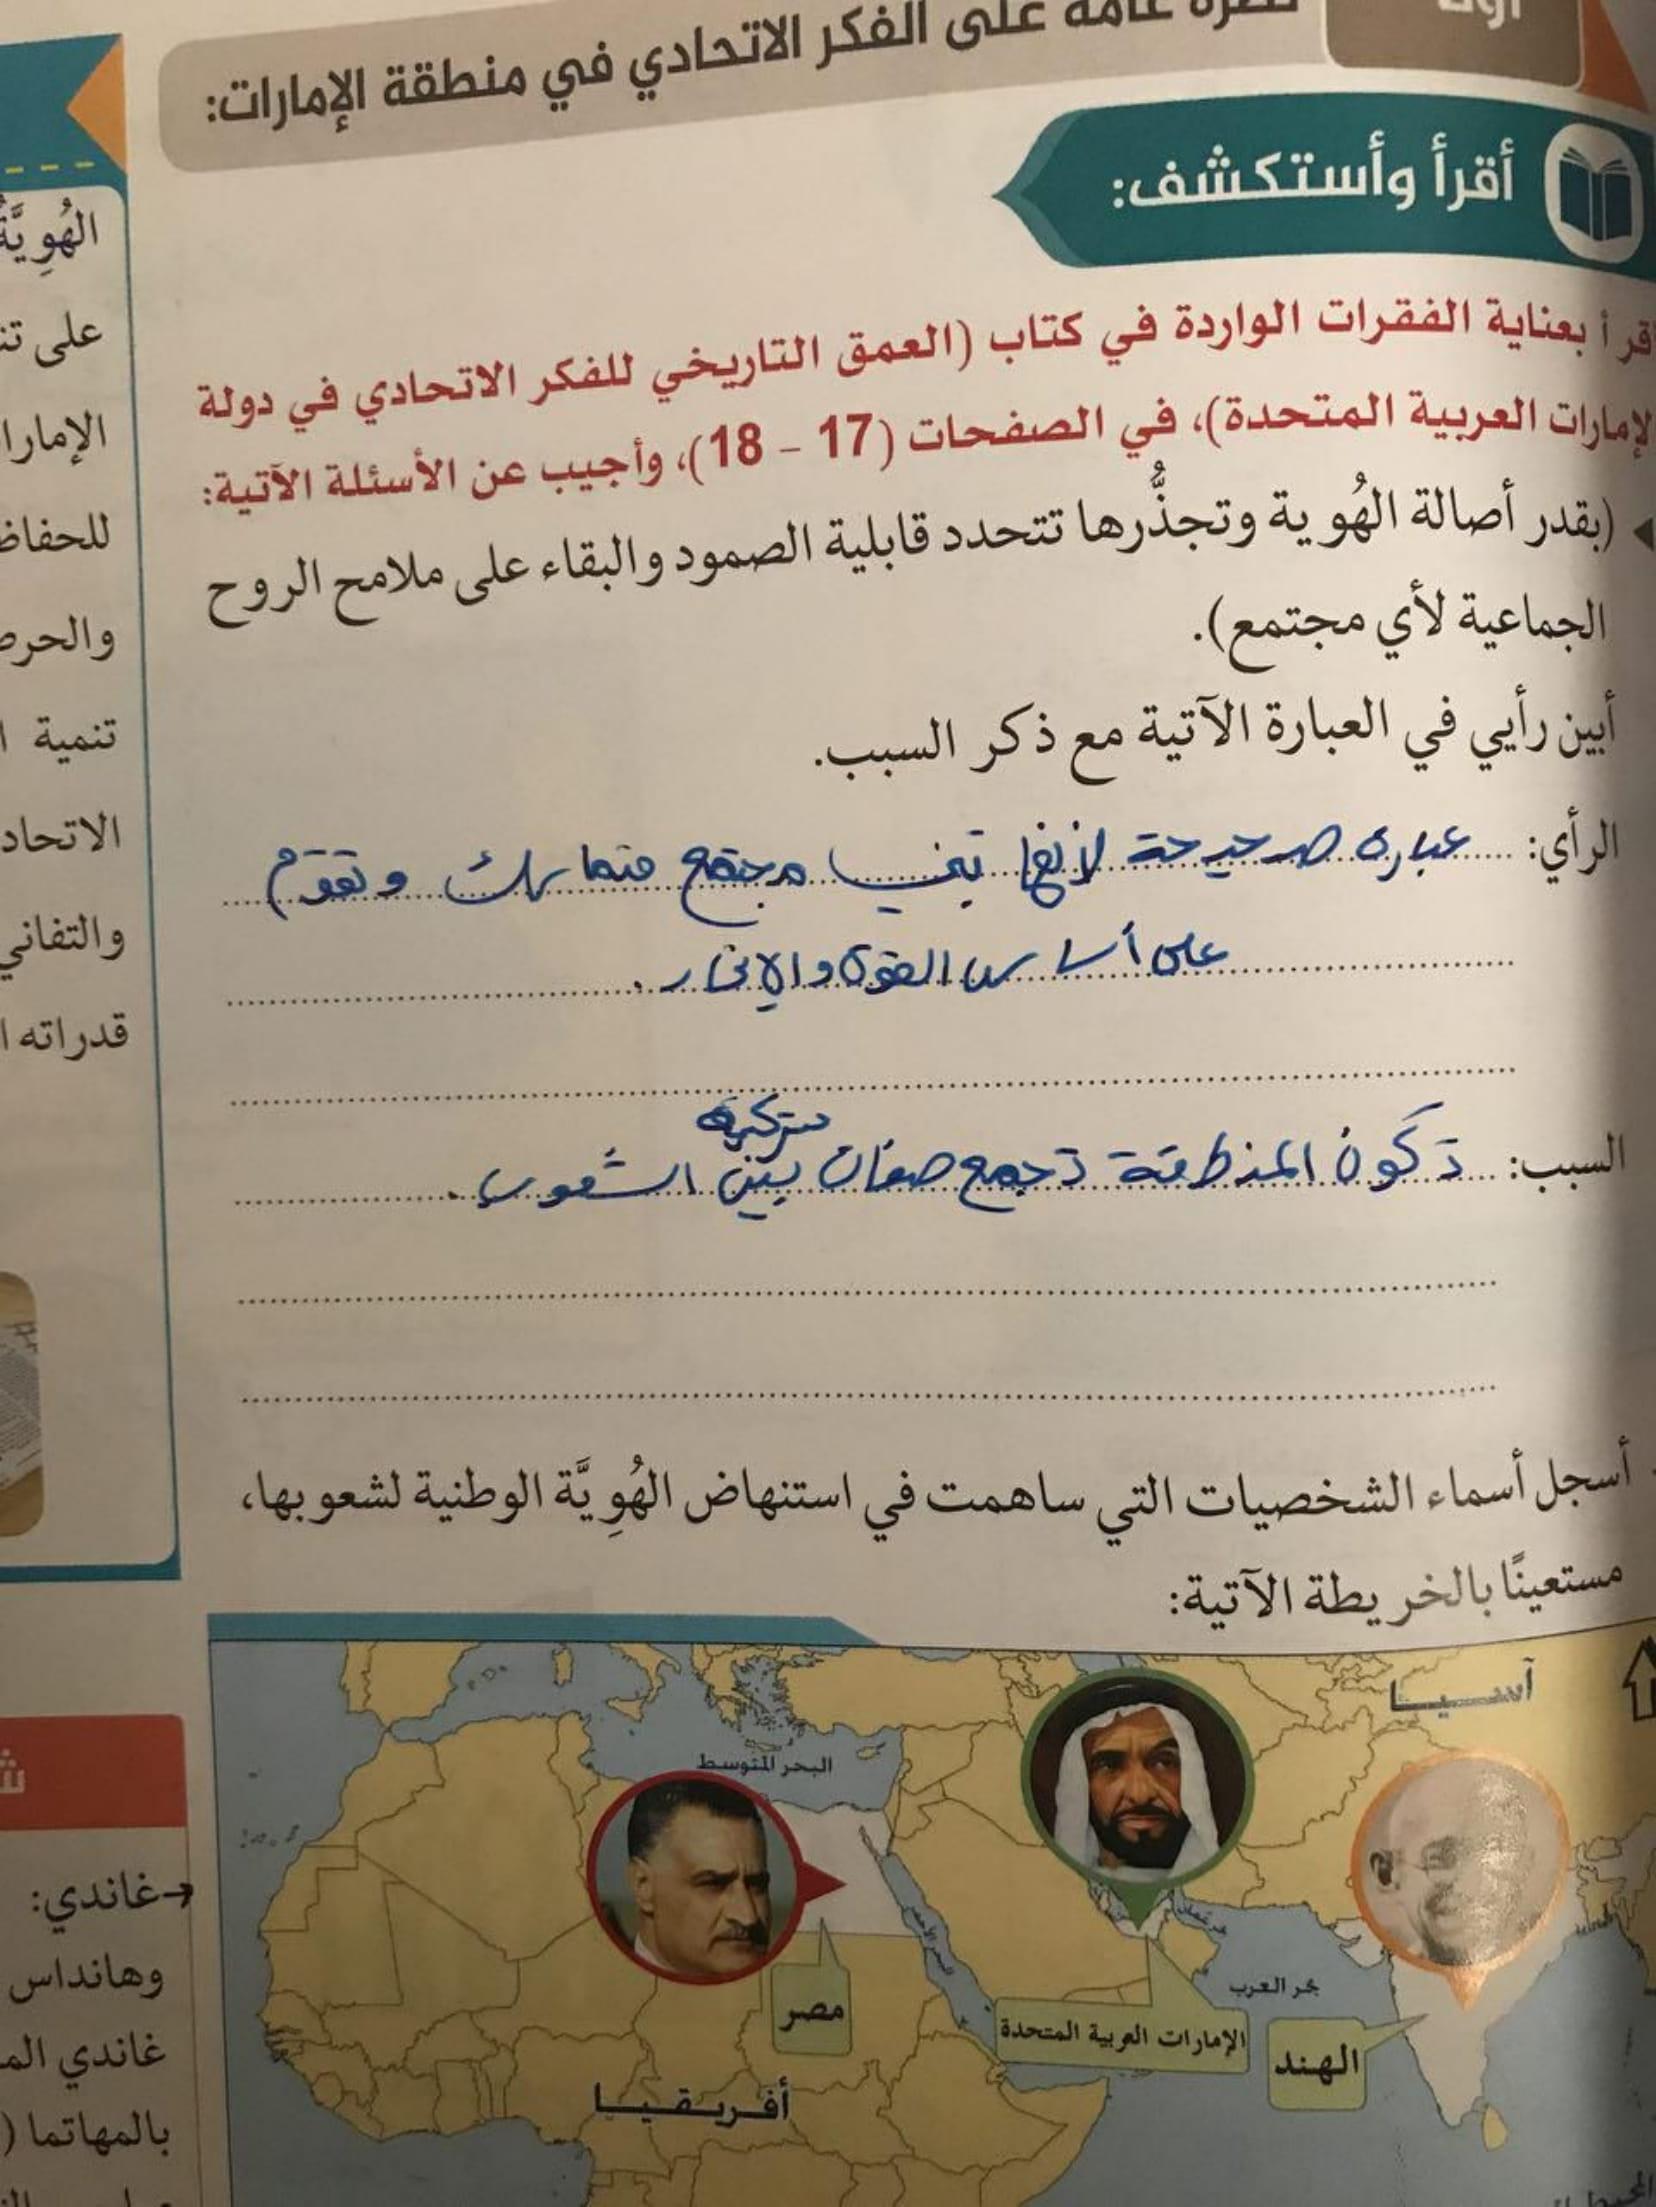 حل درس بوادر الفكر الاتحادي في الإمارات